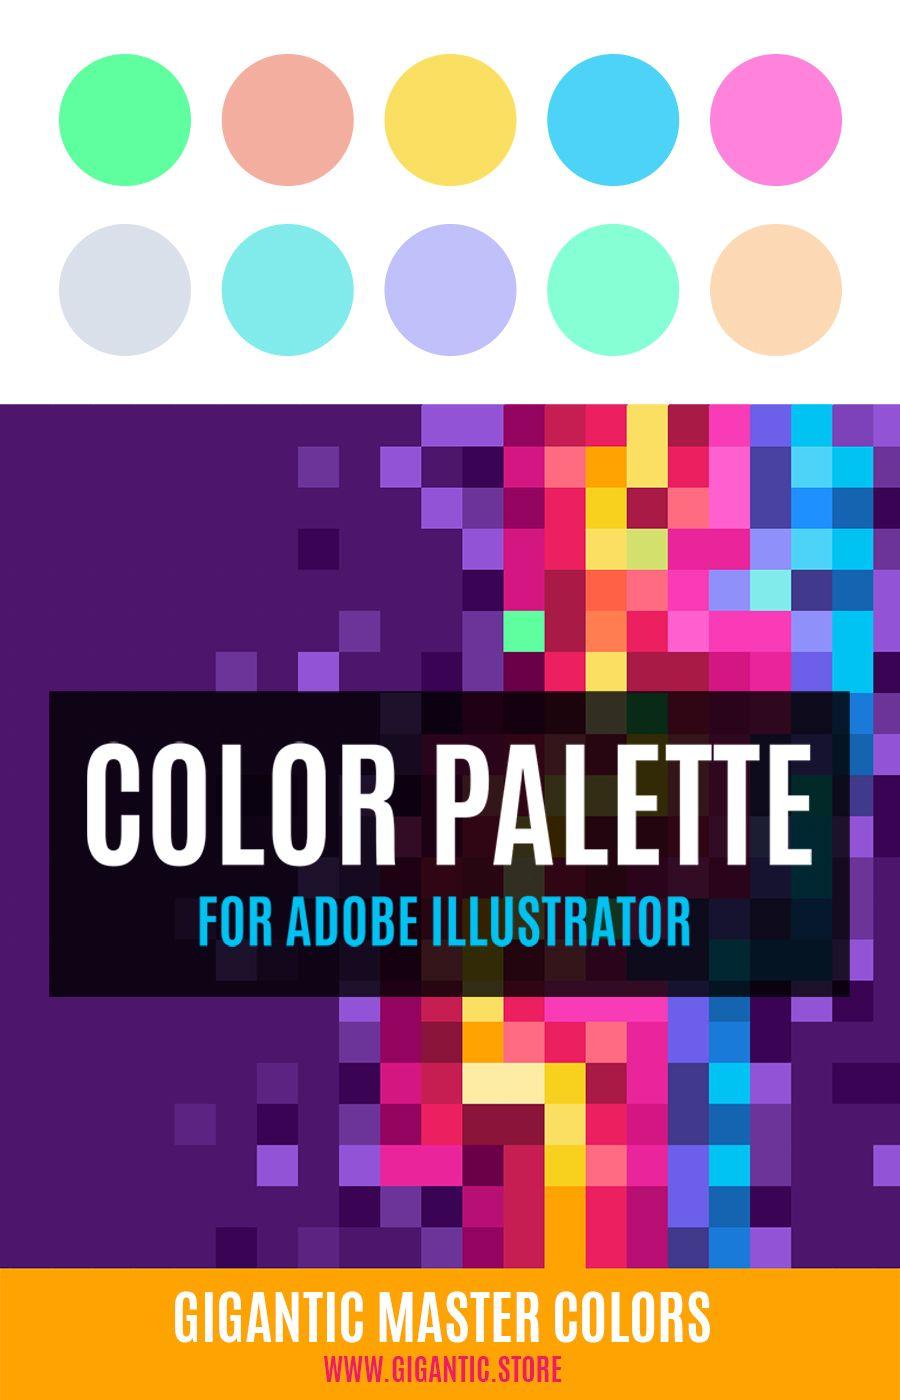 Gigantic Master Colors V 2 Color Web Design Flat Design Illustration